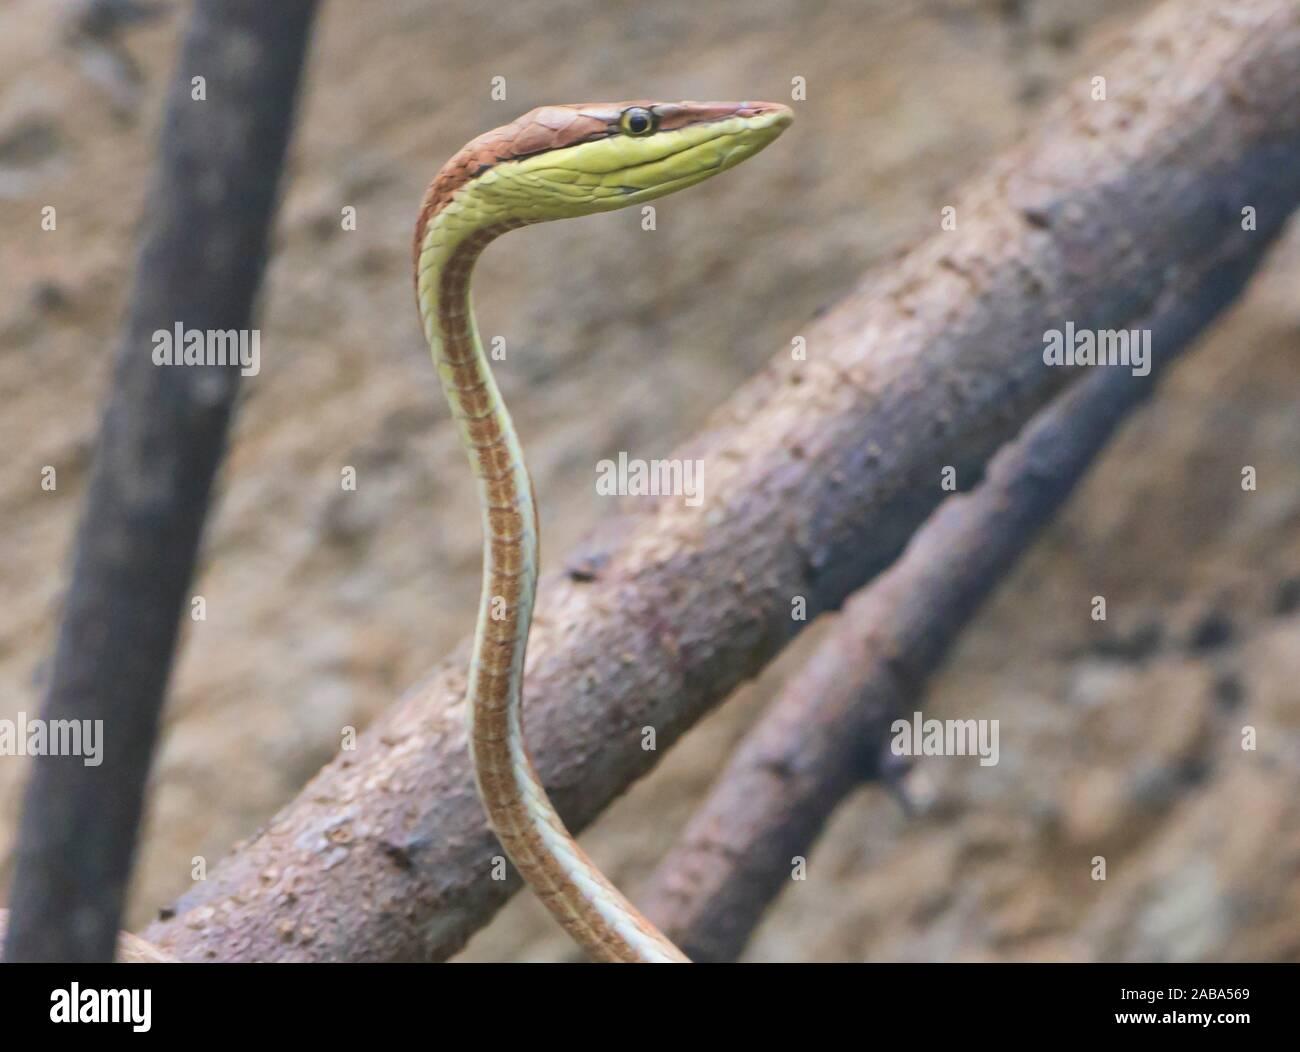 La viña de Cope snake (oxybelis brevirostris), Ecuador. Foto de stock